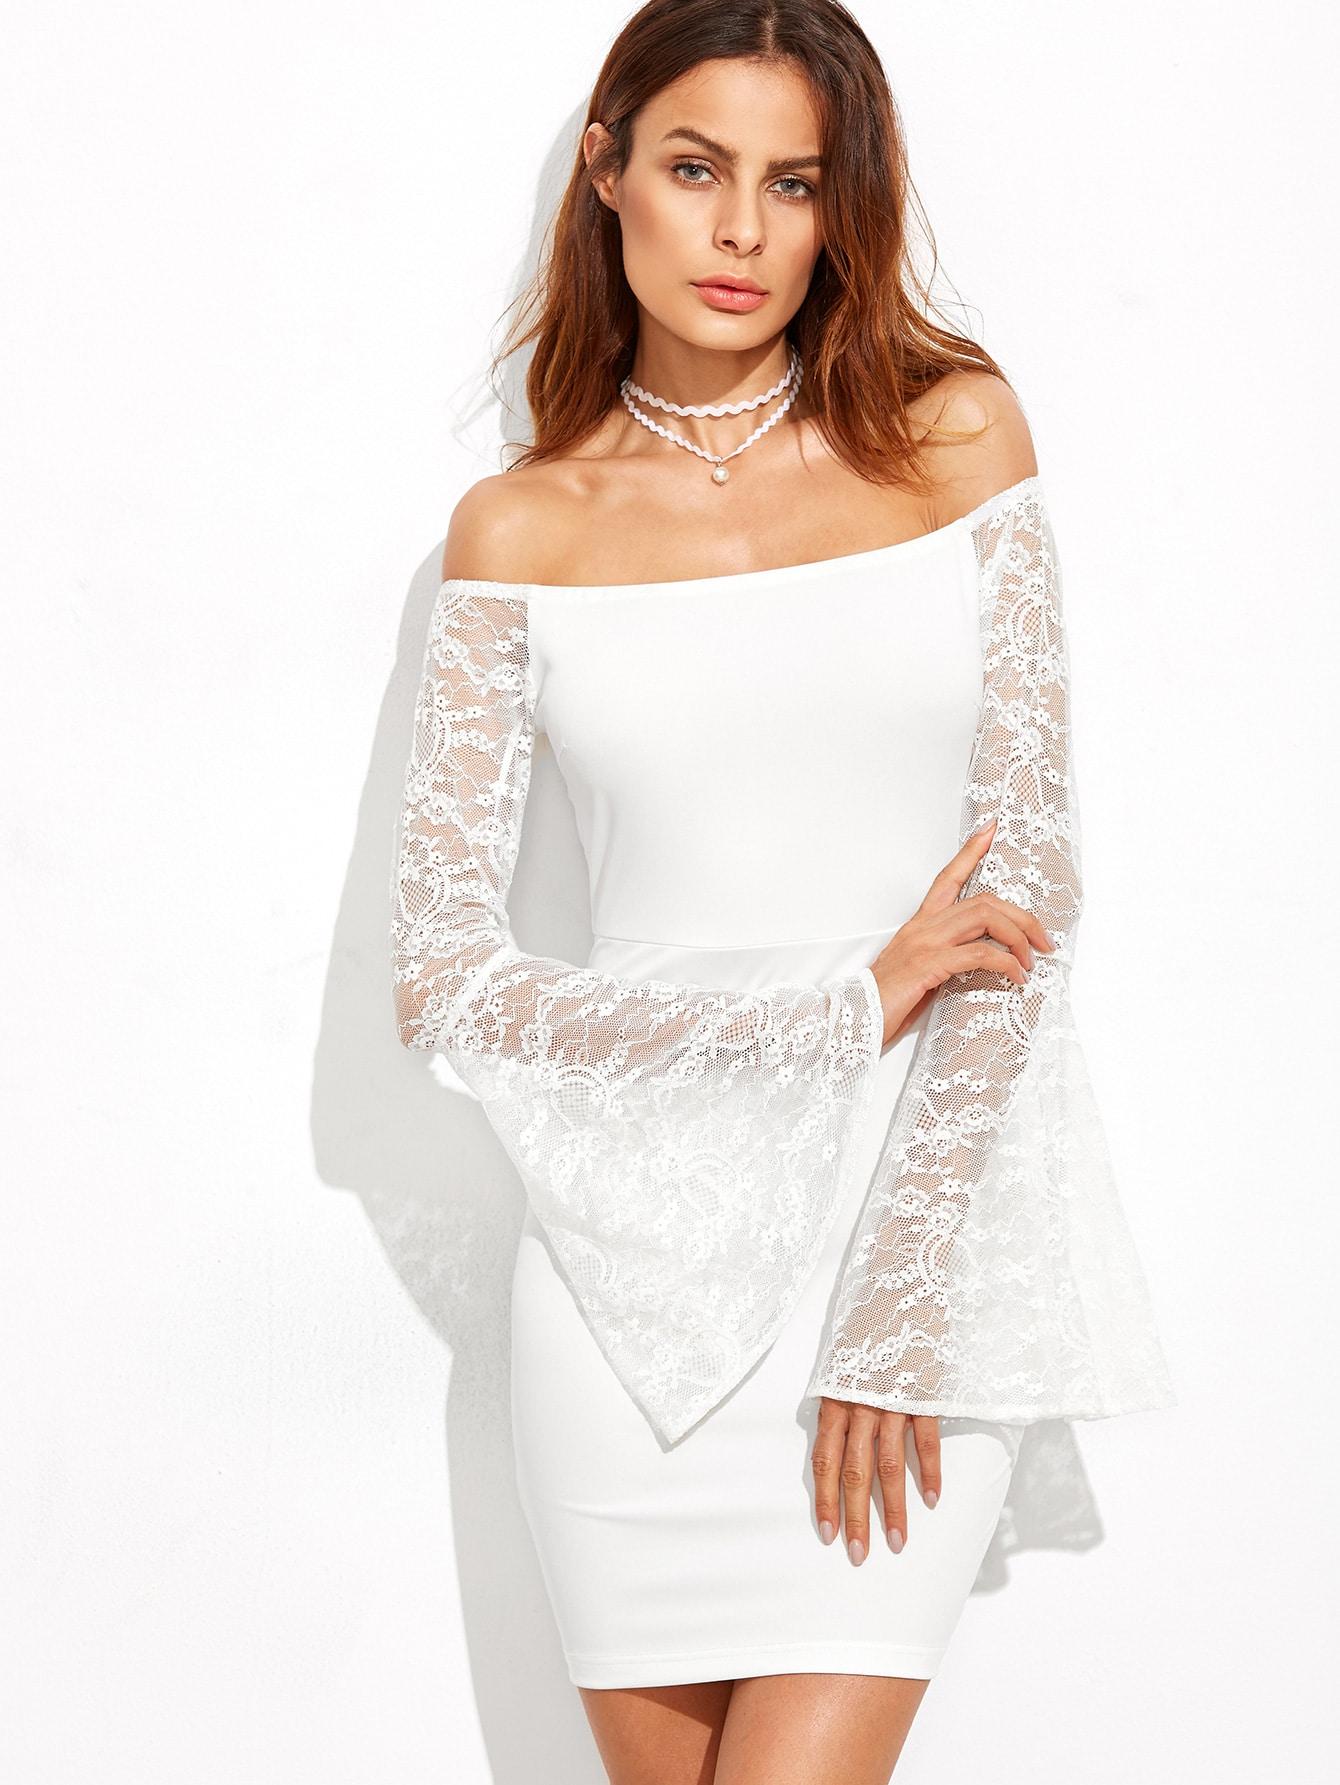 dress160926702_2